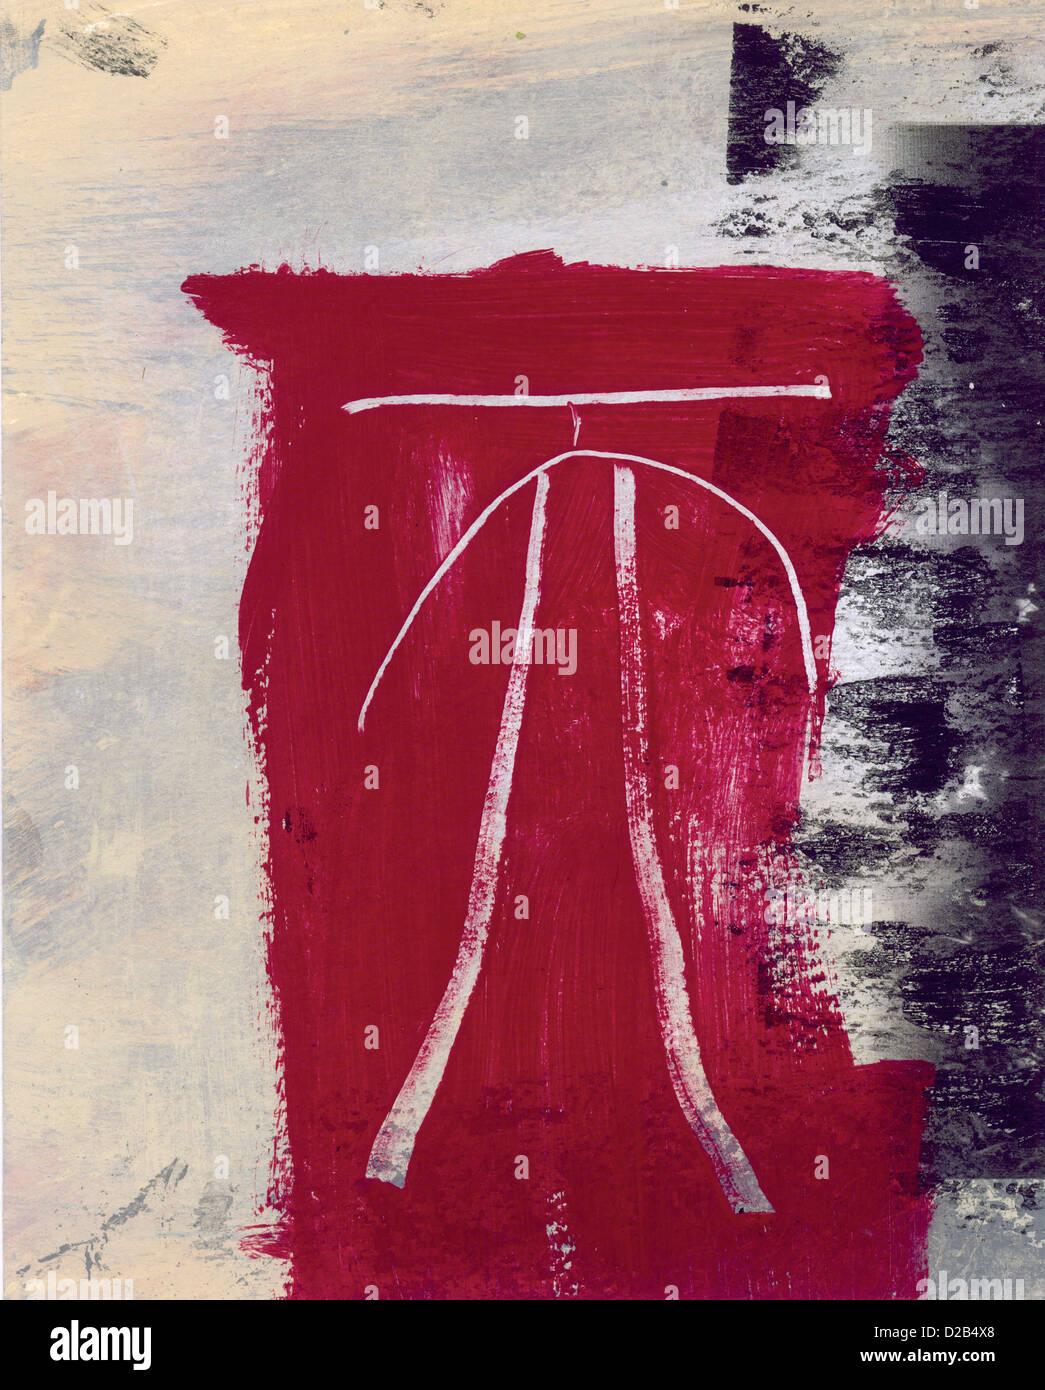 La pintura abstracta de un antiguo carácter chino para el hombre. Imagen De Stock